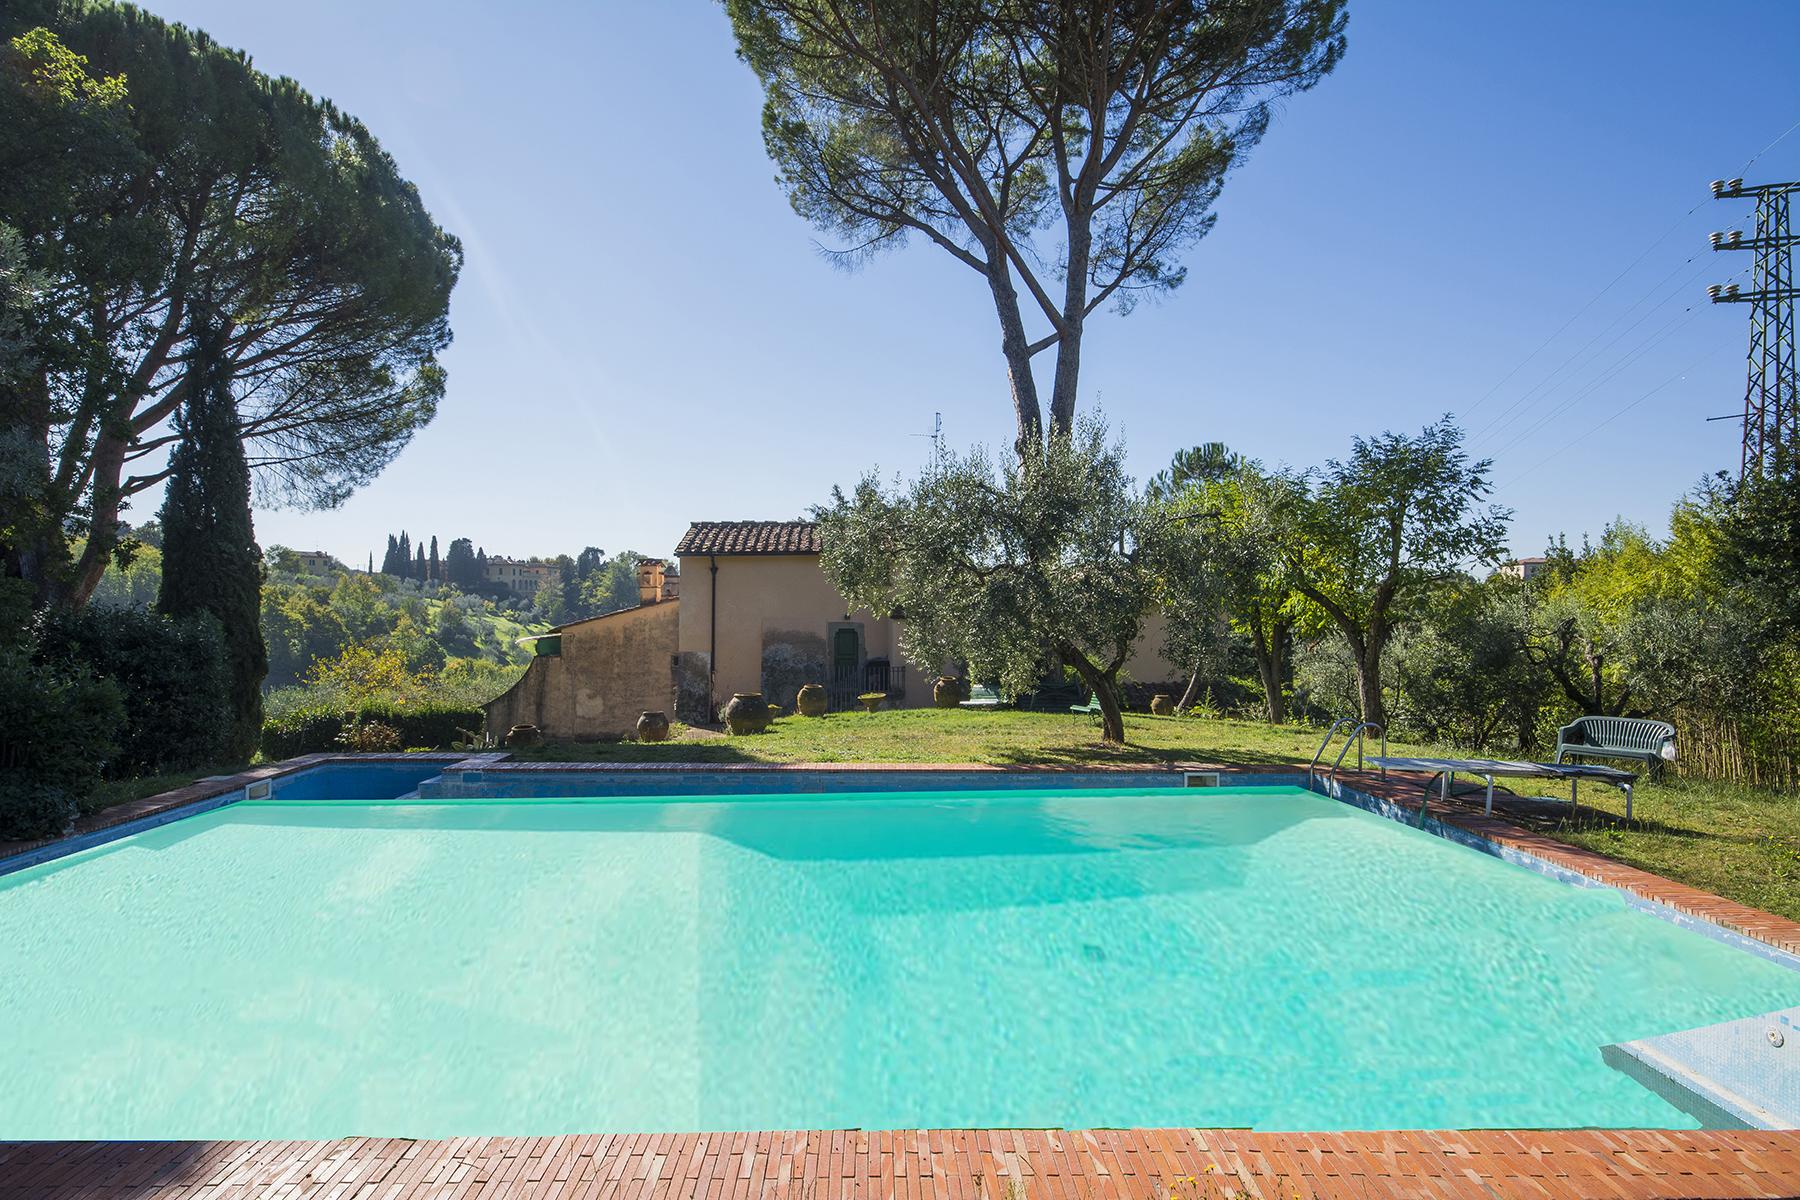 Villa in Vendita a Firenze: 5 locali, 450 mq - Foto 14